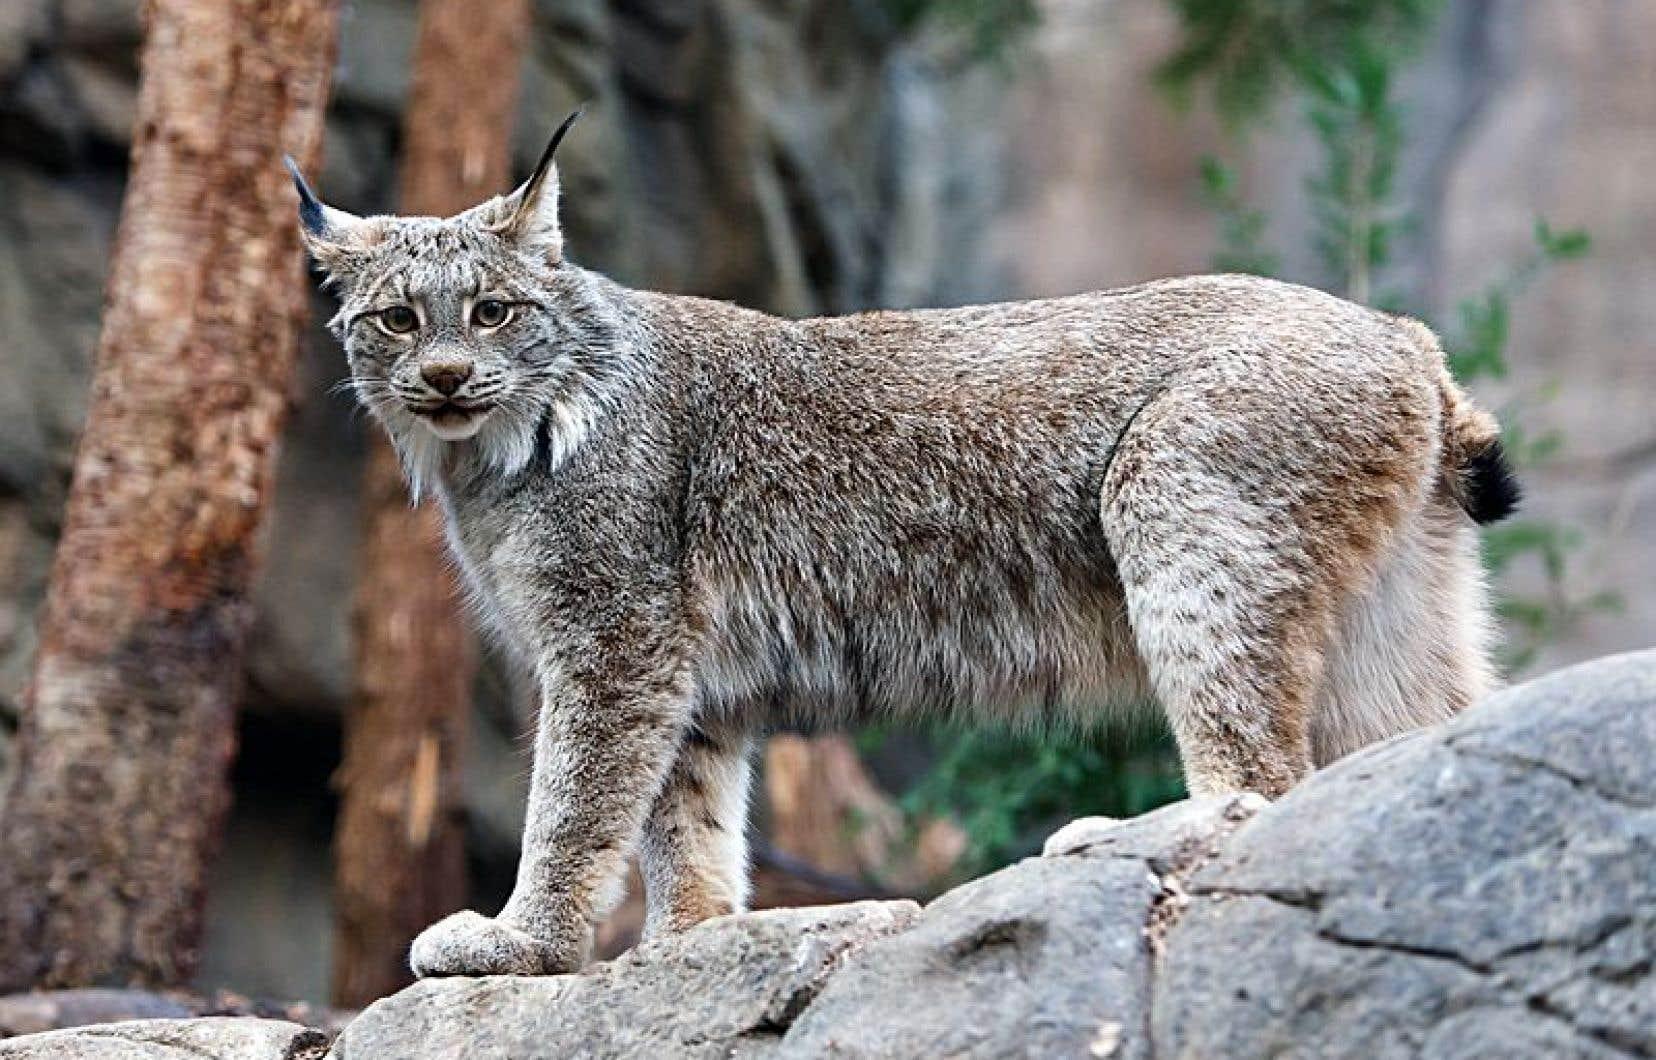 Devant des comportements compulsifs du lynx en captivité au Biodôme de Montréal, les vétérinaires ont modifié son environnement et les procédés pour lui servir ses repas.